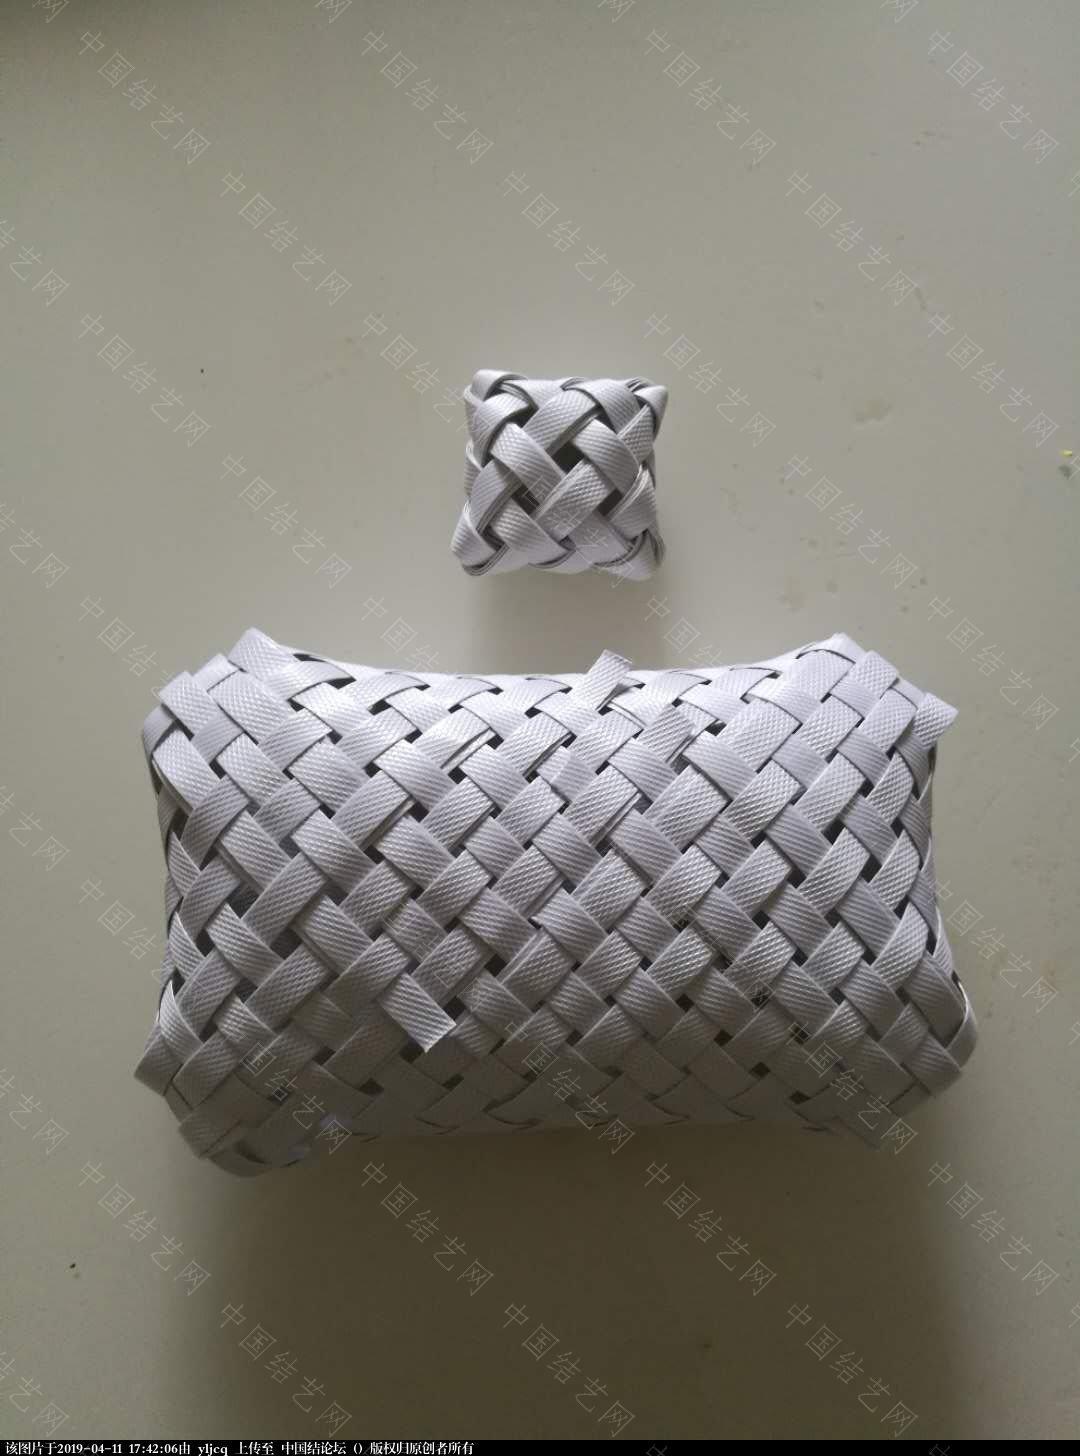 中国结论坛 打包带编织的枕头  作品展示 174154mpiiya39iwjywy9y